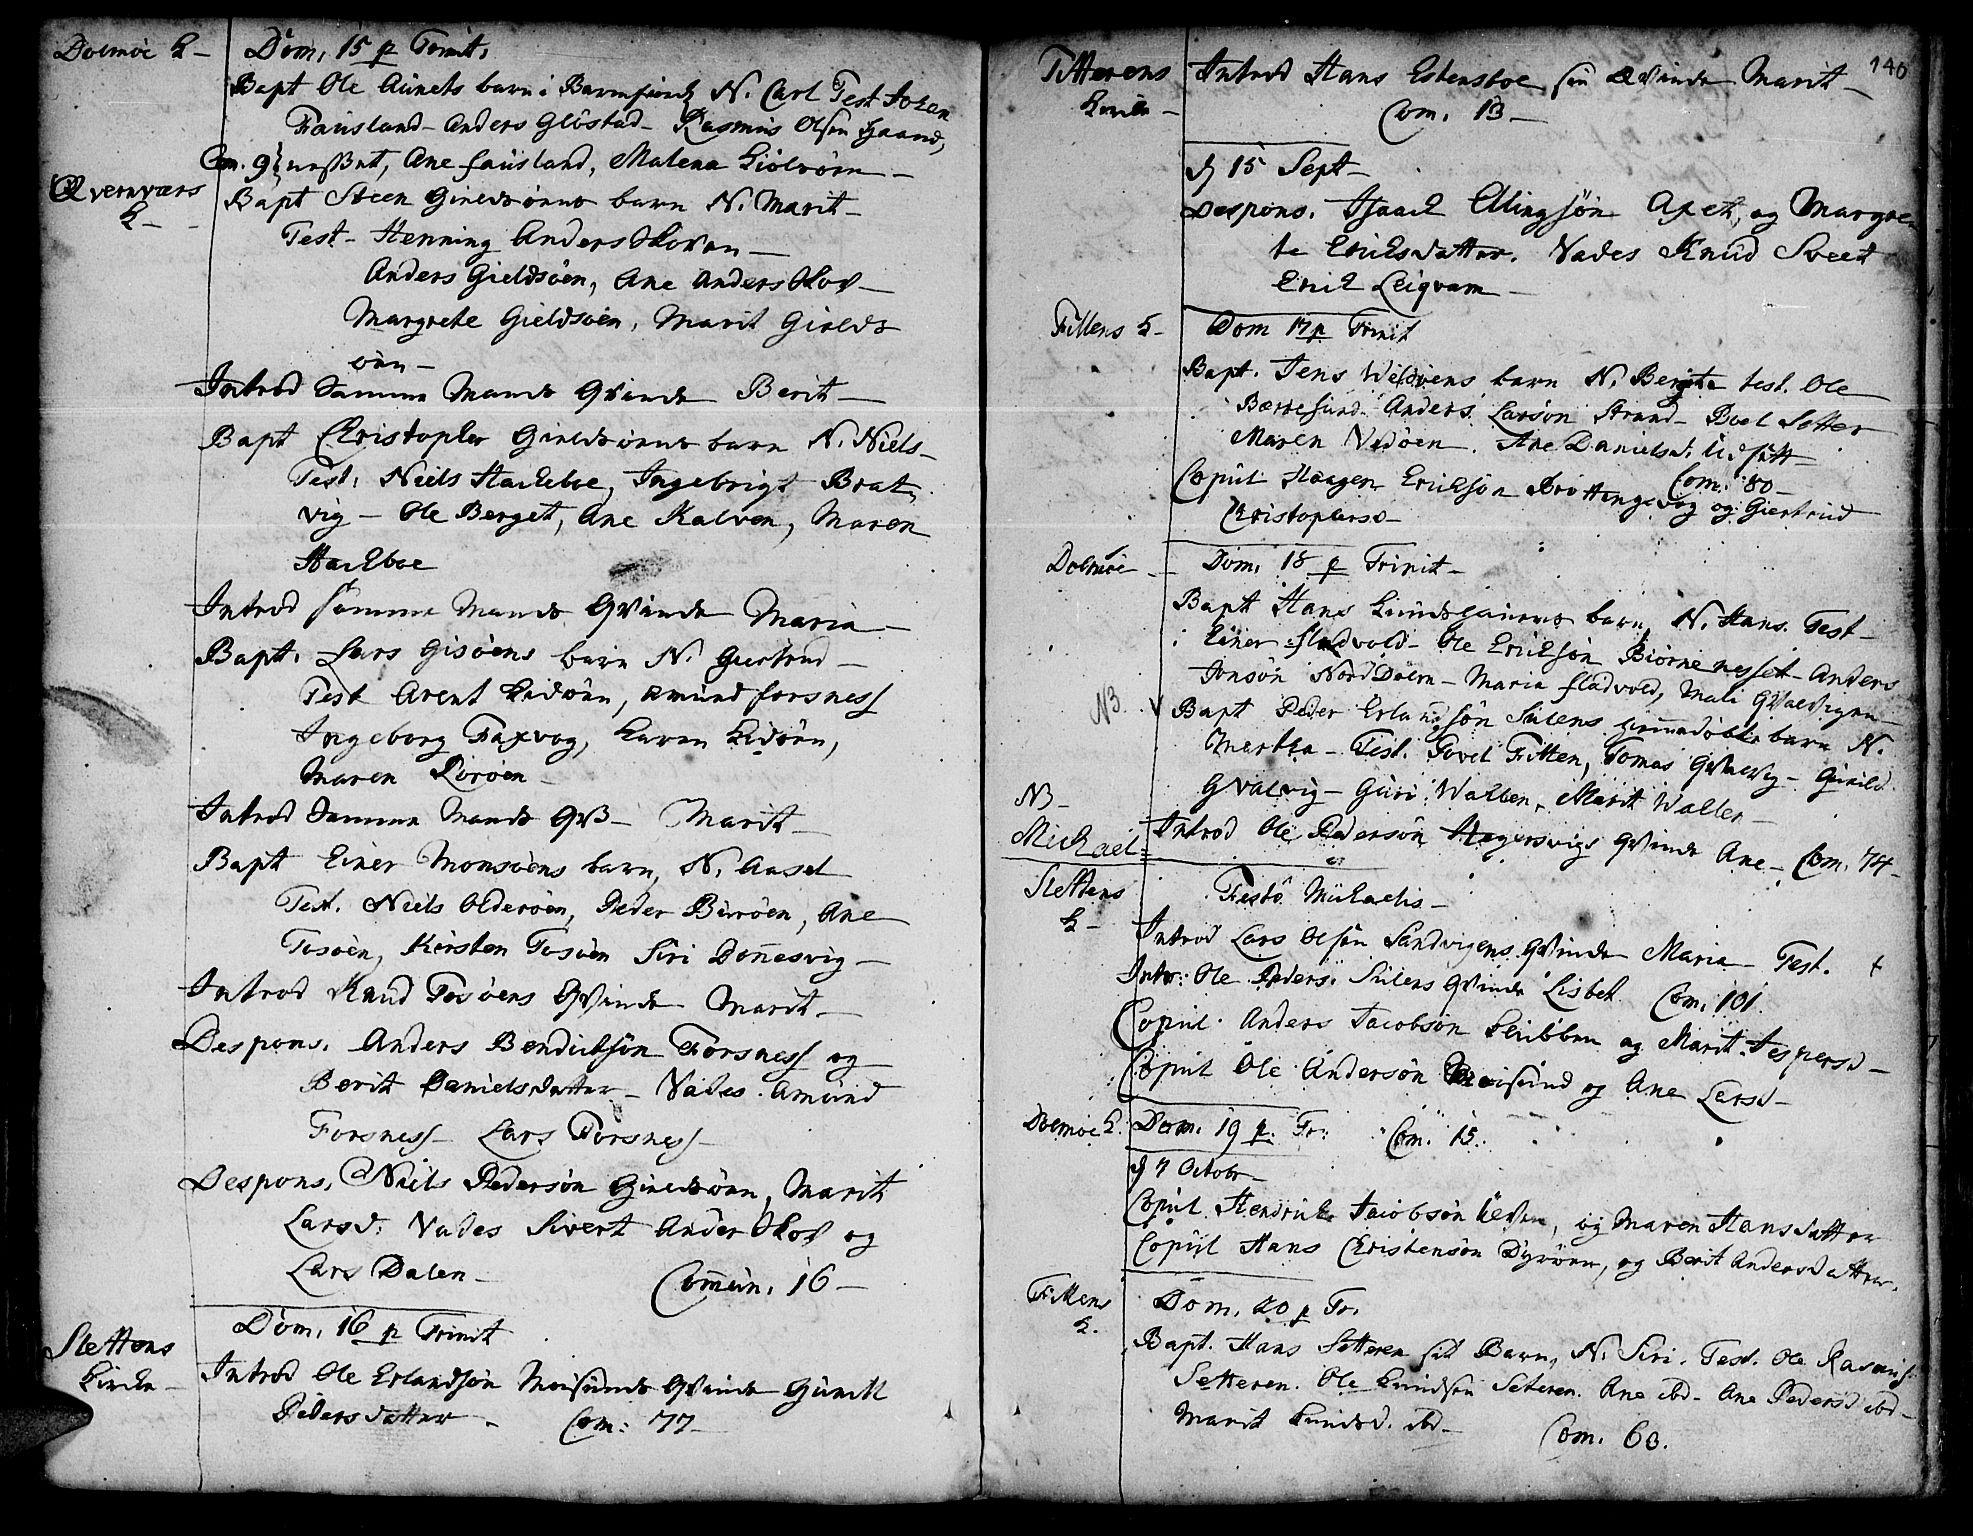 SAT, Ministerialprotokoller, klokkerbøker og fødselsregistre - Sør-Trøndelag, 634/L0525: Ministerialbok nr. 634A01, 1736-1775, s. 140